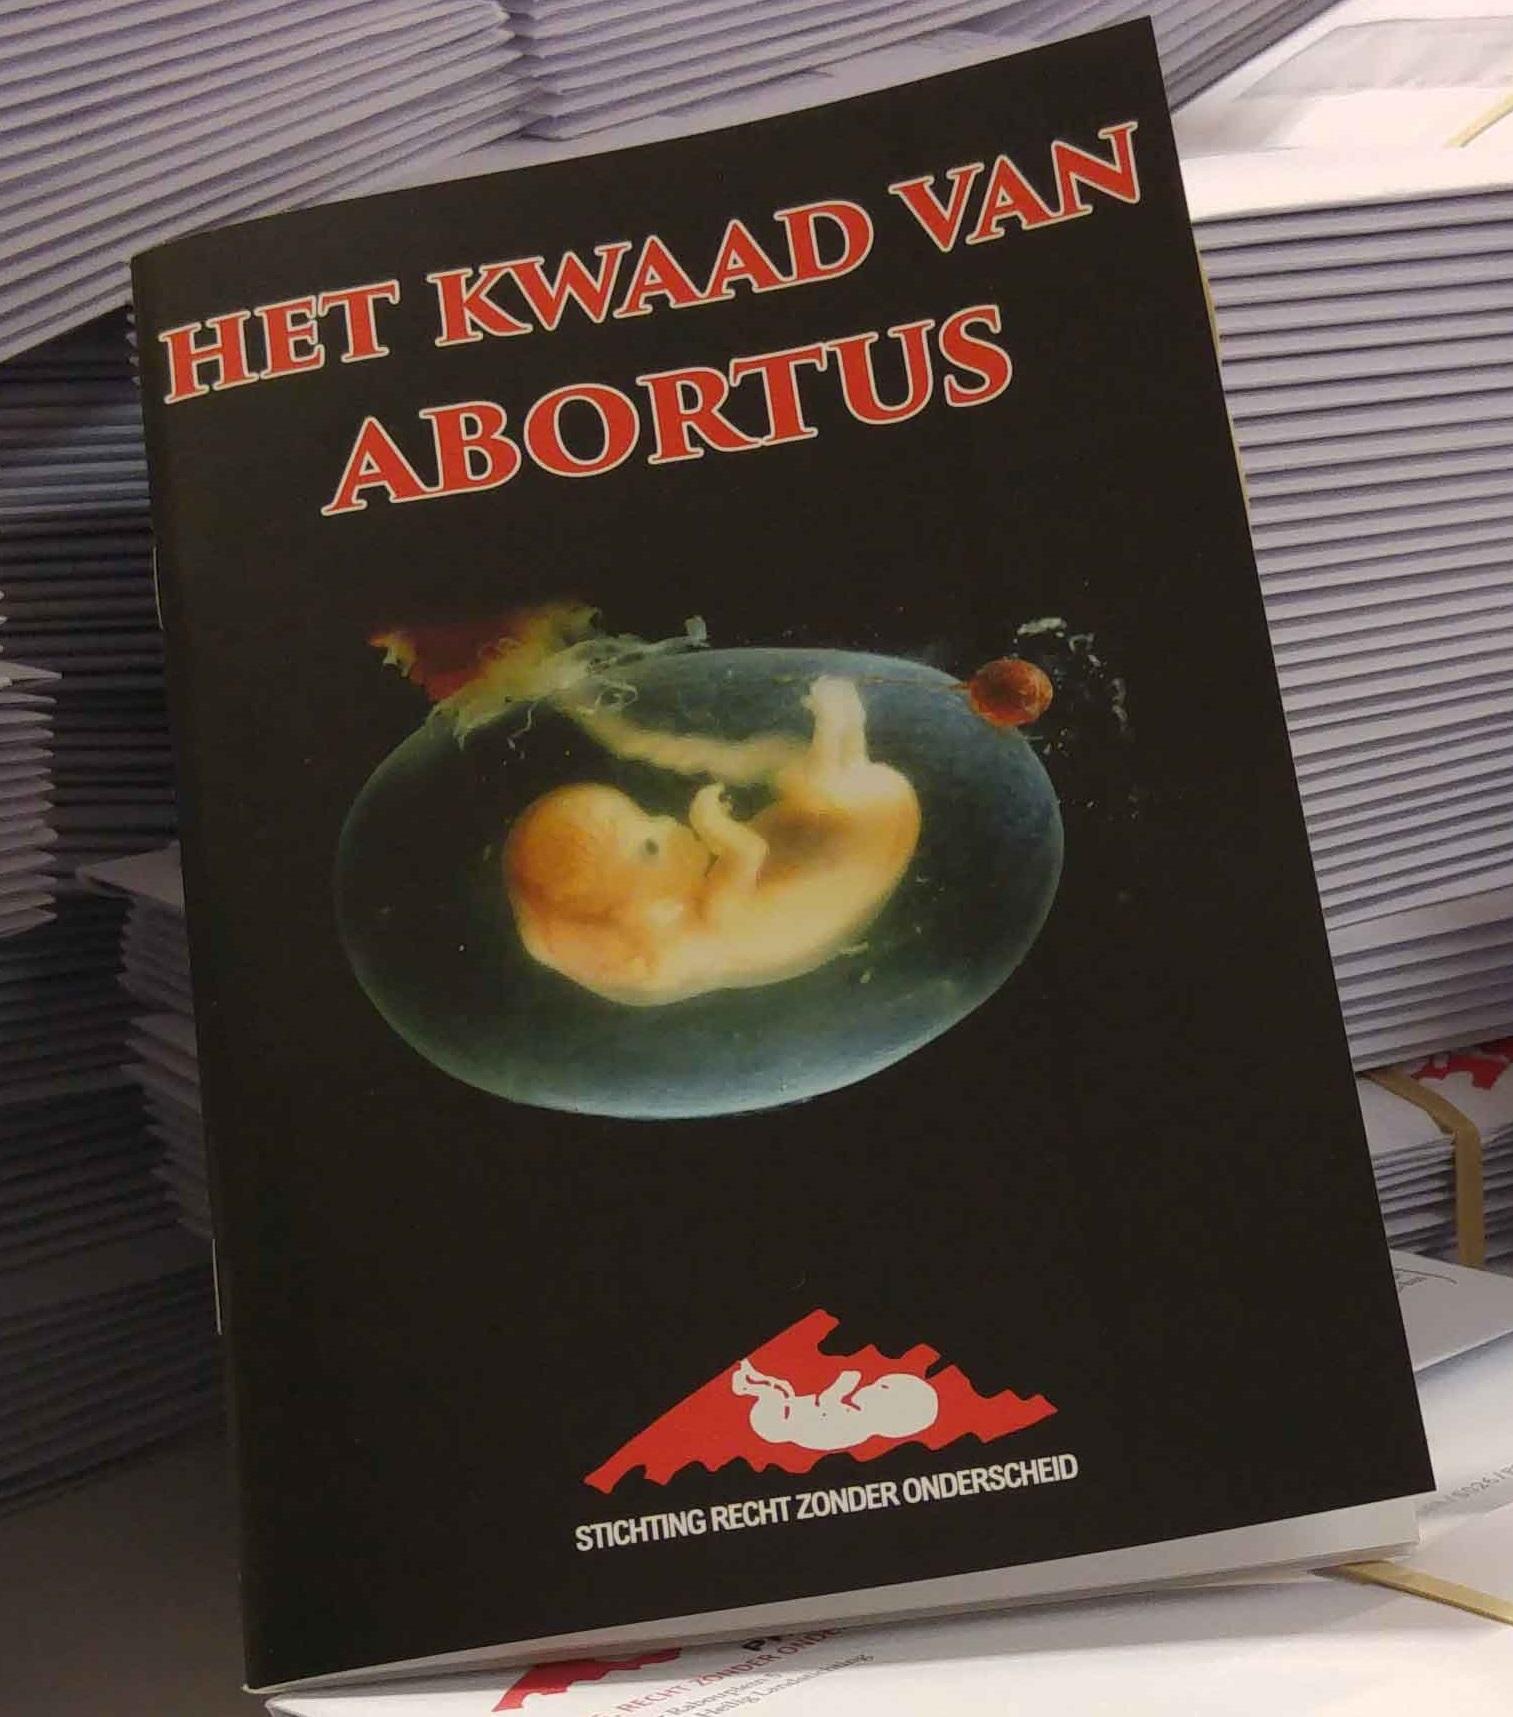 Pro-life brochure werpt licht op de duistere realiteit van abortus